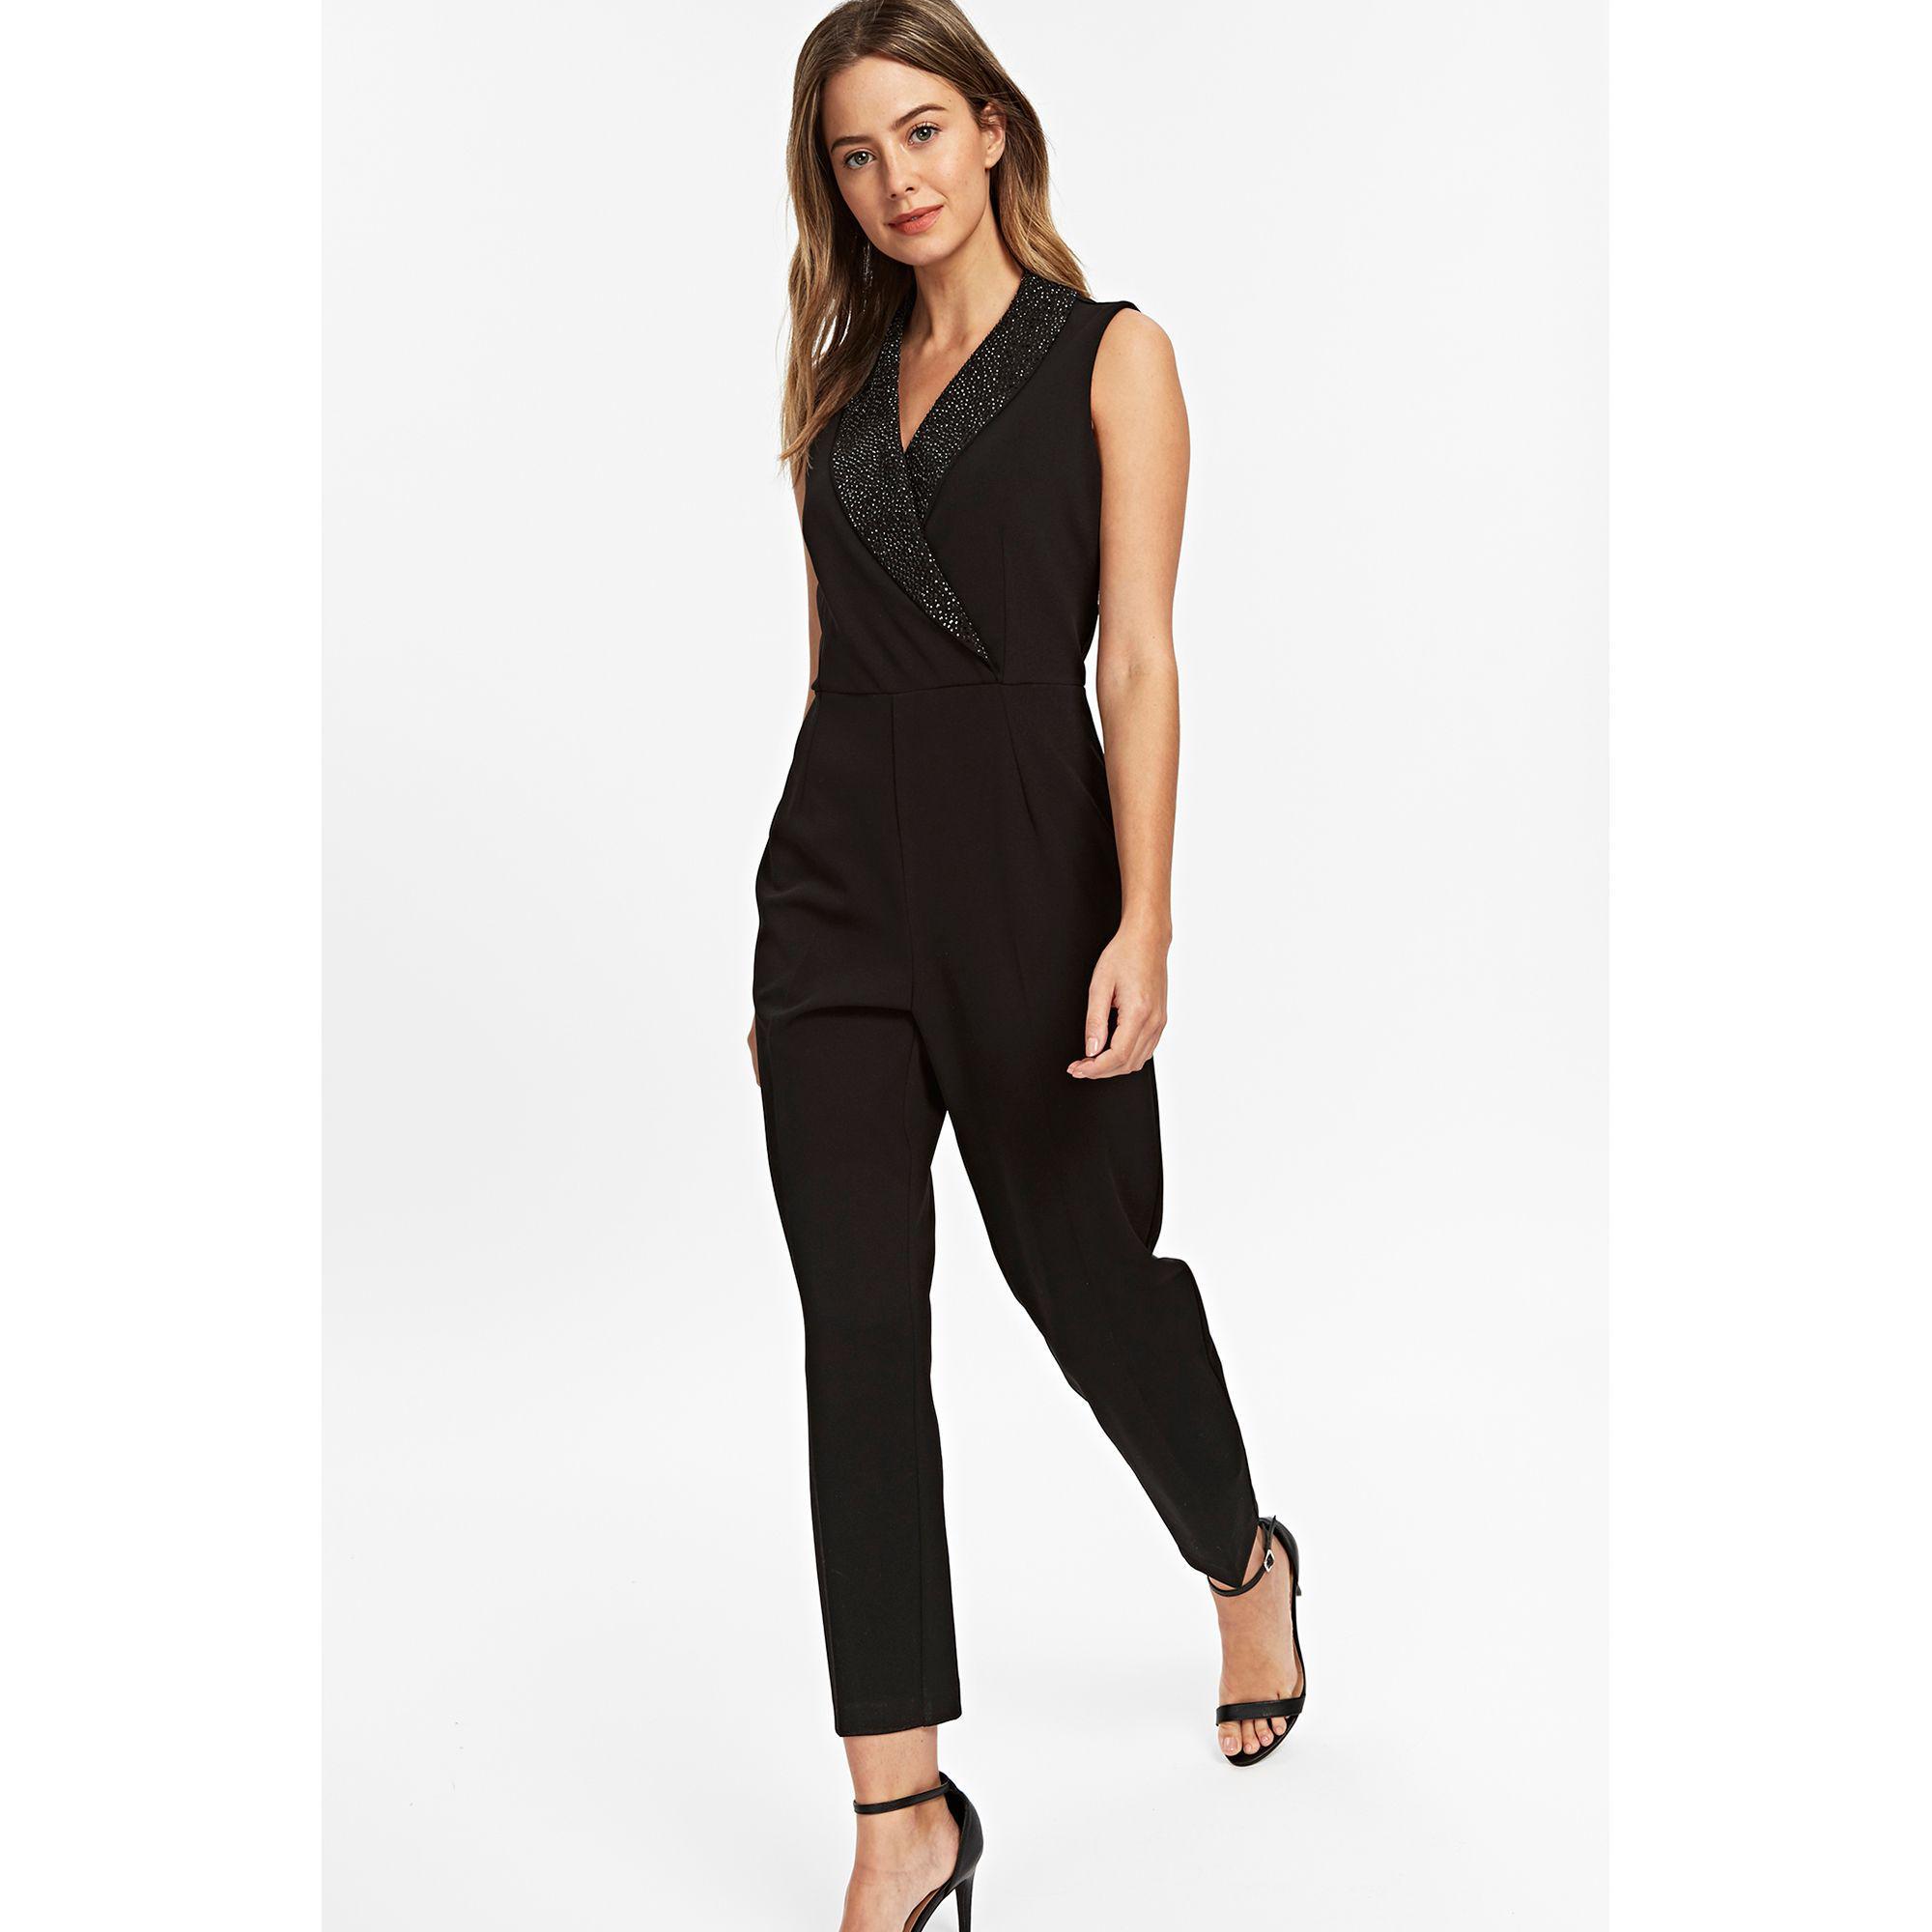 0cf9327c3767 Wallis Petite Black Diamante Tuxedo Jumpsuit in Black - Save 50% - Lyst